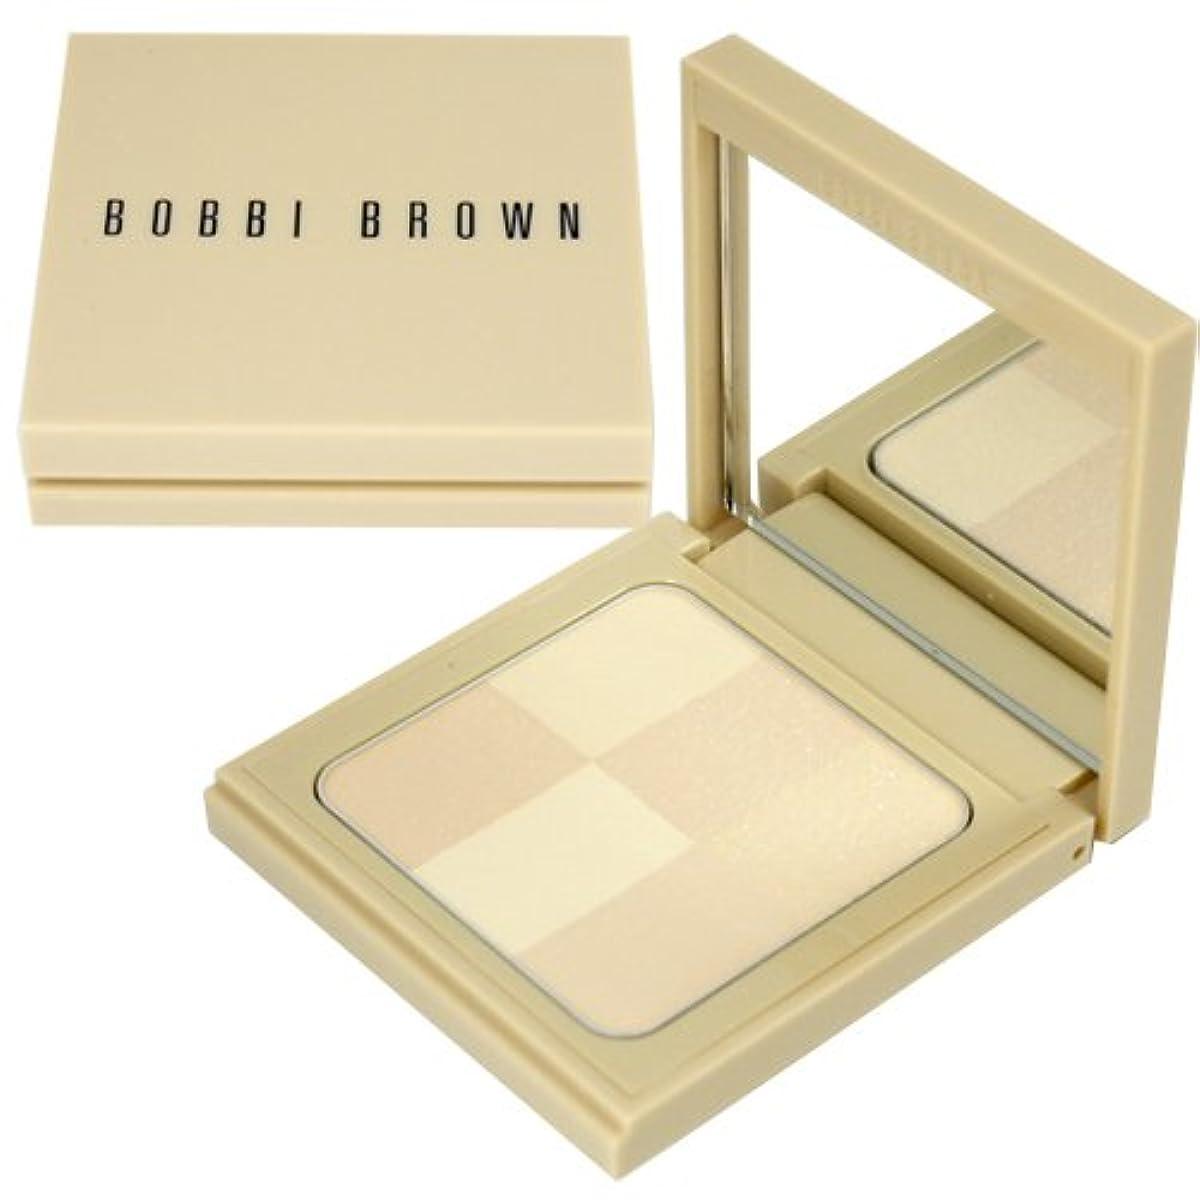 検索エコータックボビイ ブラウン BOBBI BROWN ヌード フィニッシュ イルミネイティング パウダー 2 (在庫) [並行輸入品]